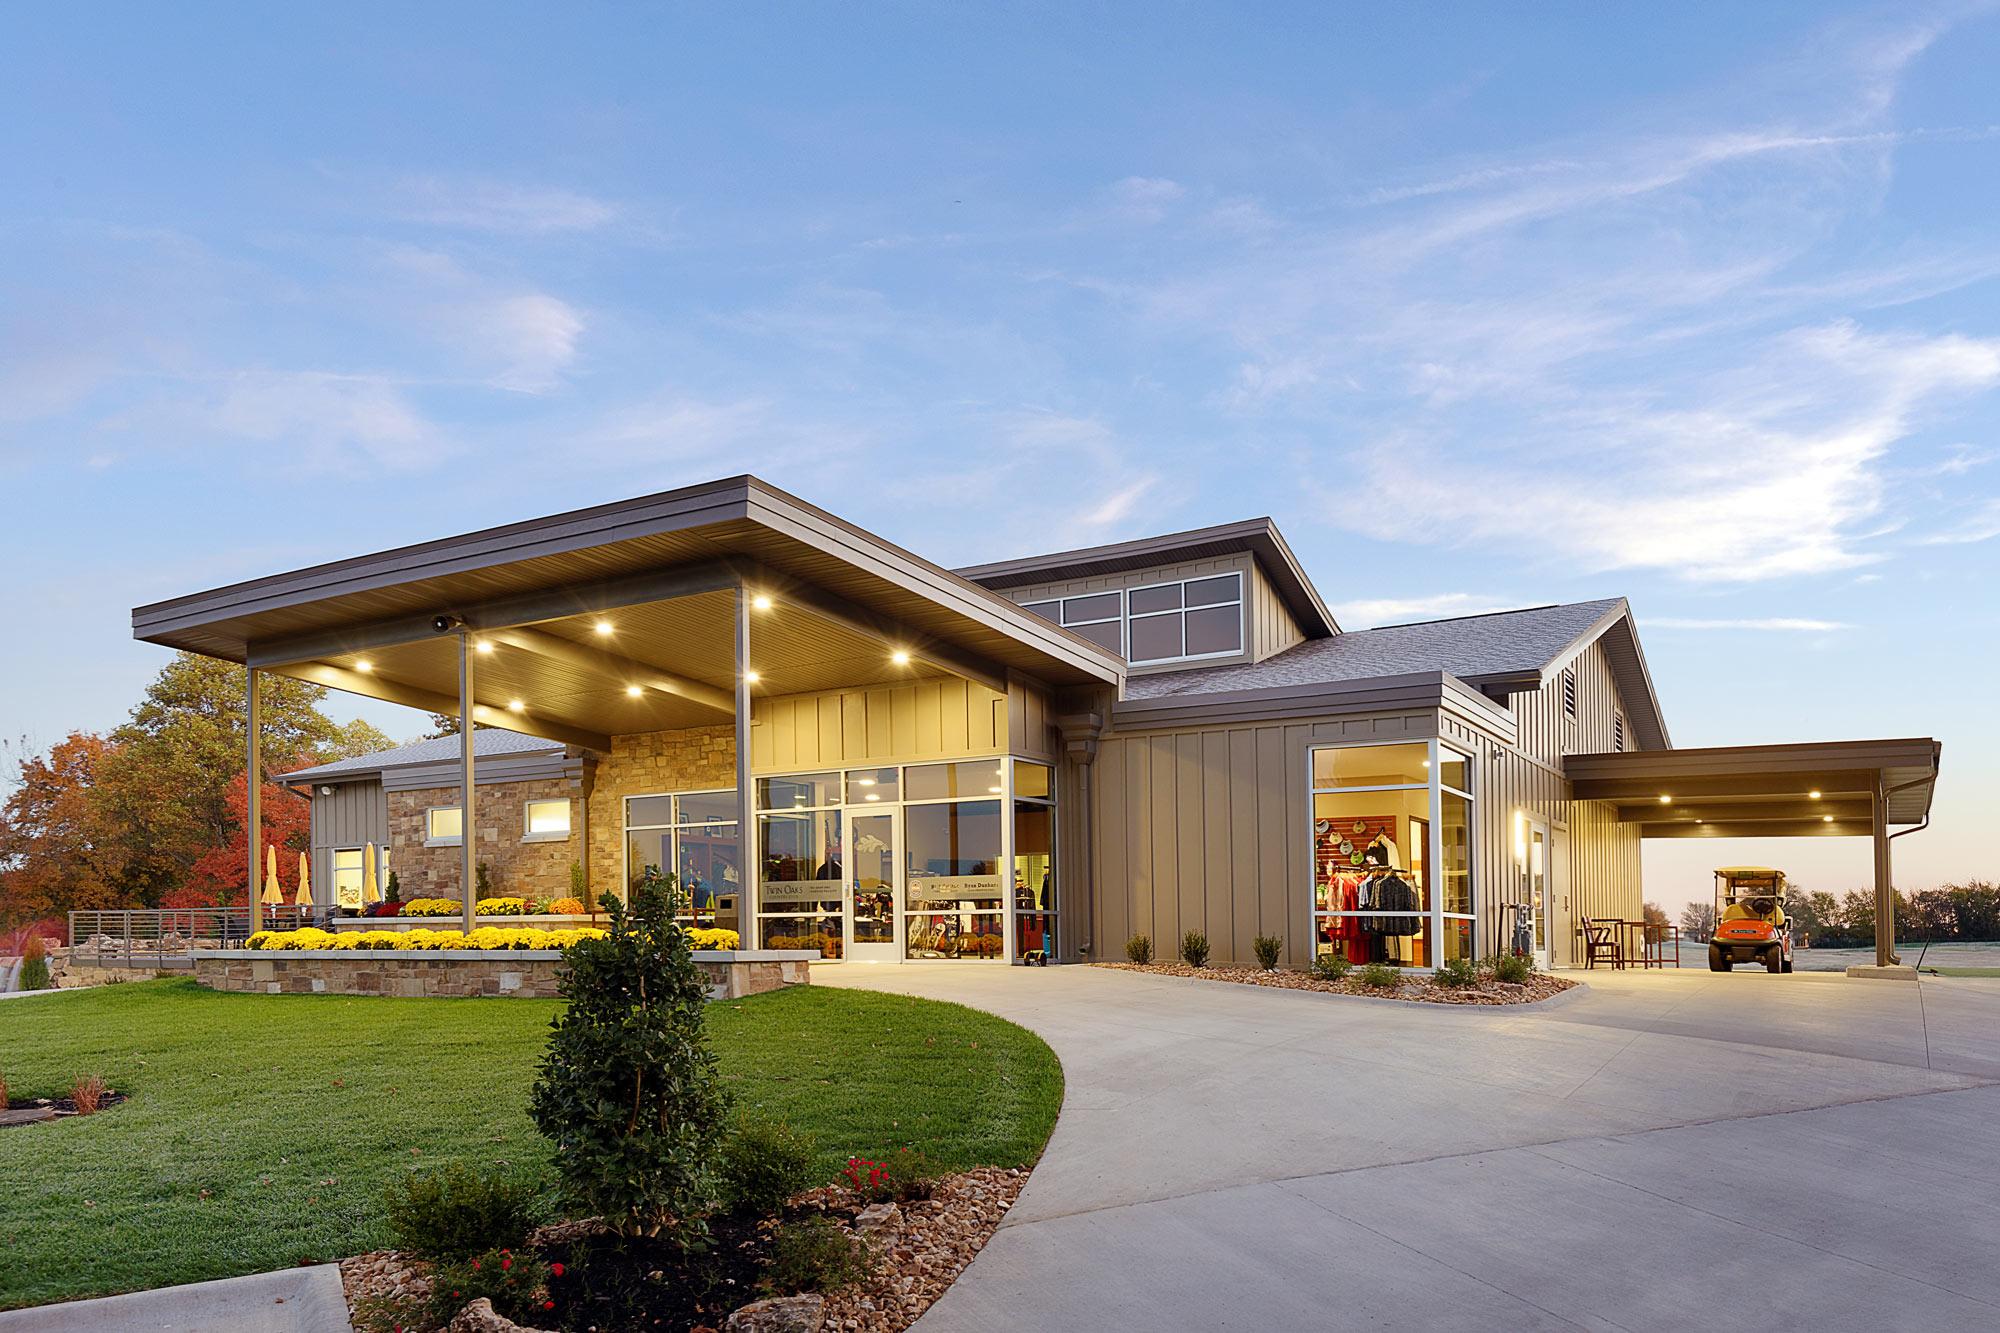 Twin-Oaks-Golf-Pro-Shop-H-Design-Exterior-01.jpg